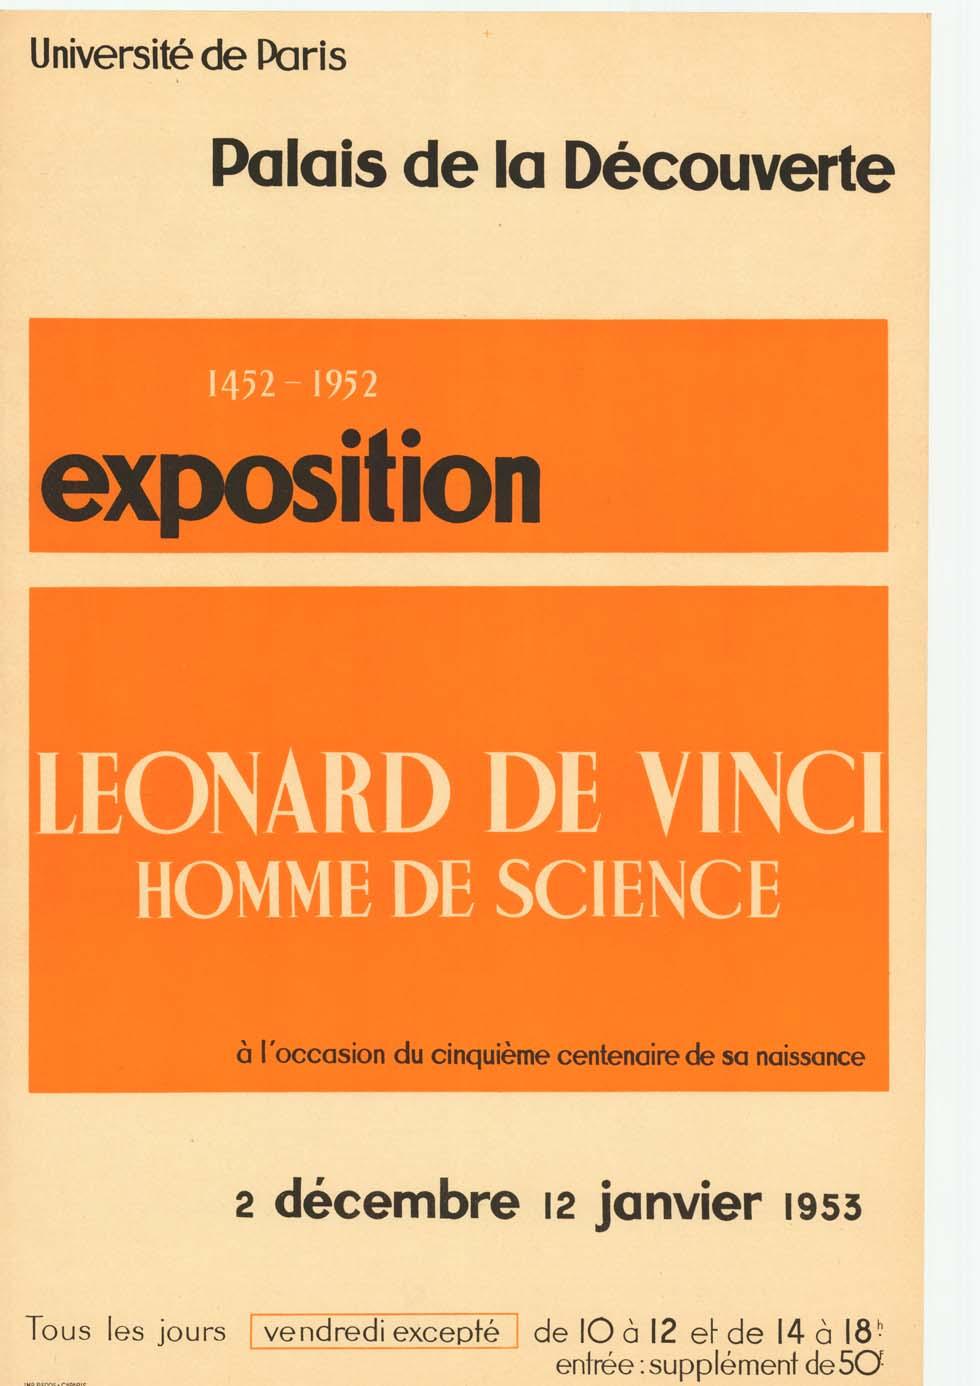 1953 : Léonard de Vinci - Homme de science(ouverture du diaporama)